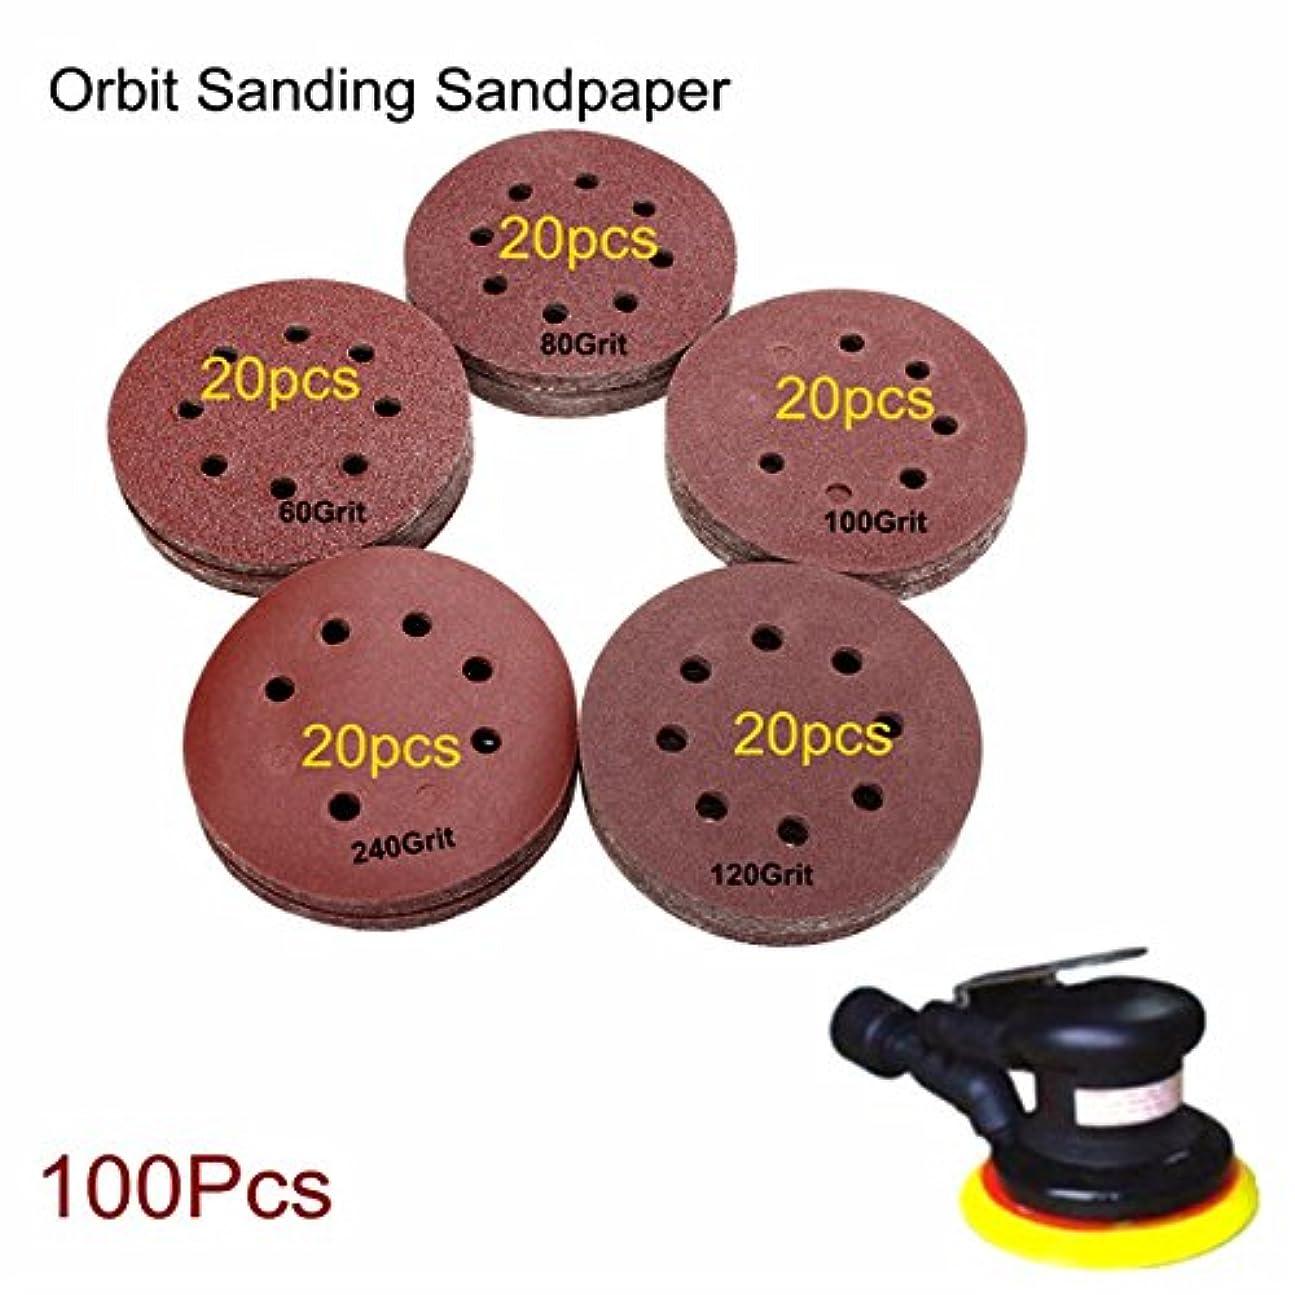 鉛筆ストレスの多い指令Queenwind 100pcs 125mm 8 穴研磨砂ディスク60-240 グリットサンディング紙